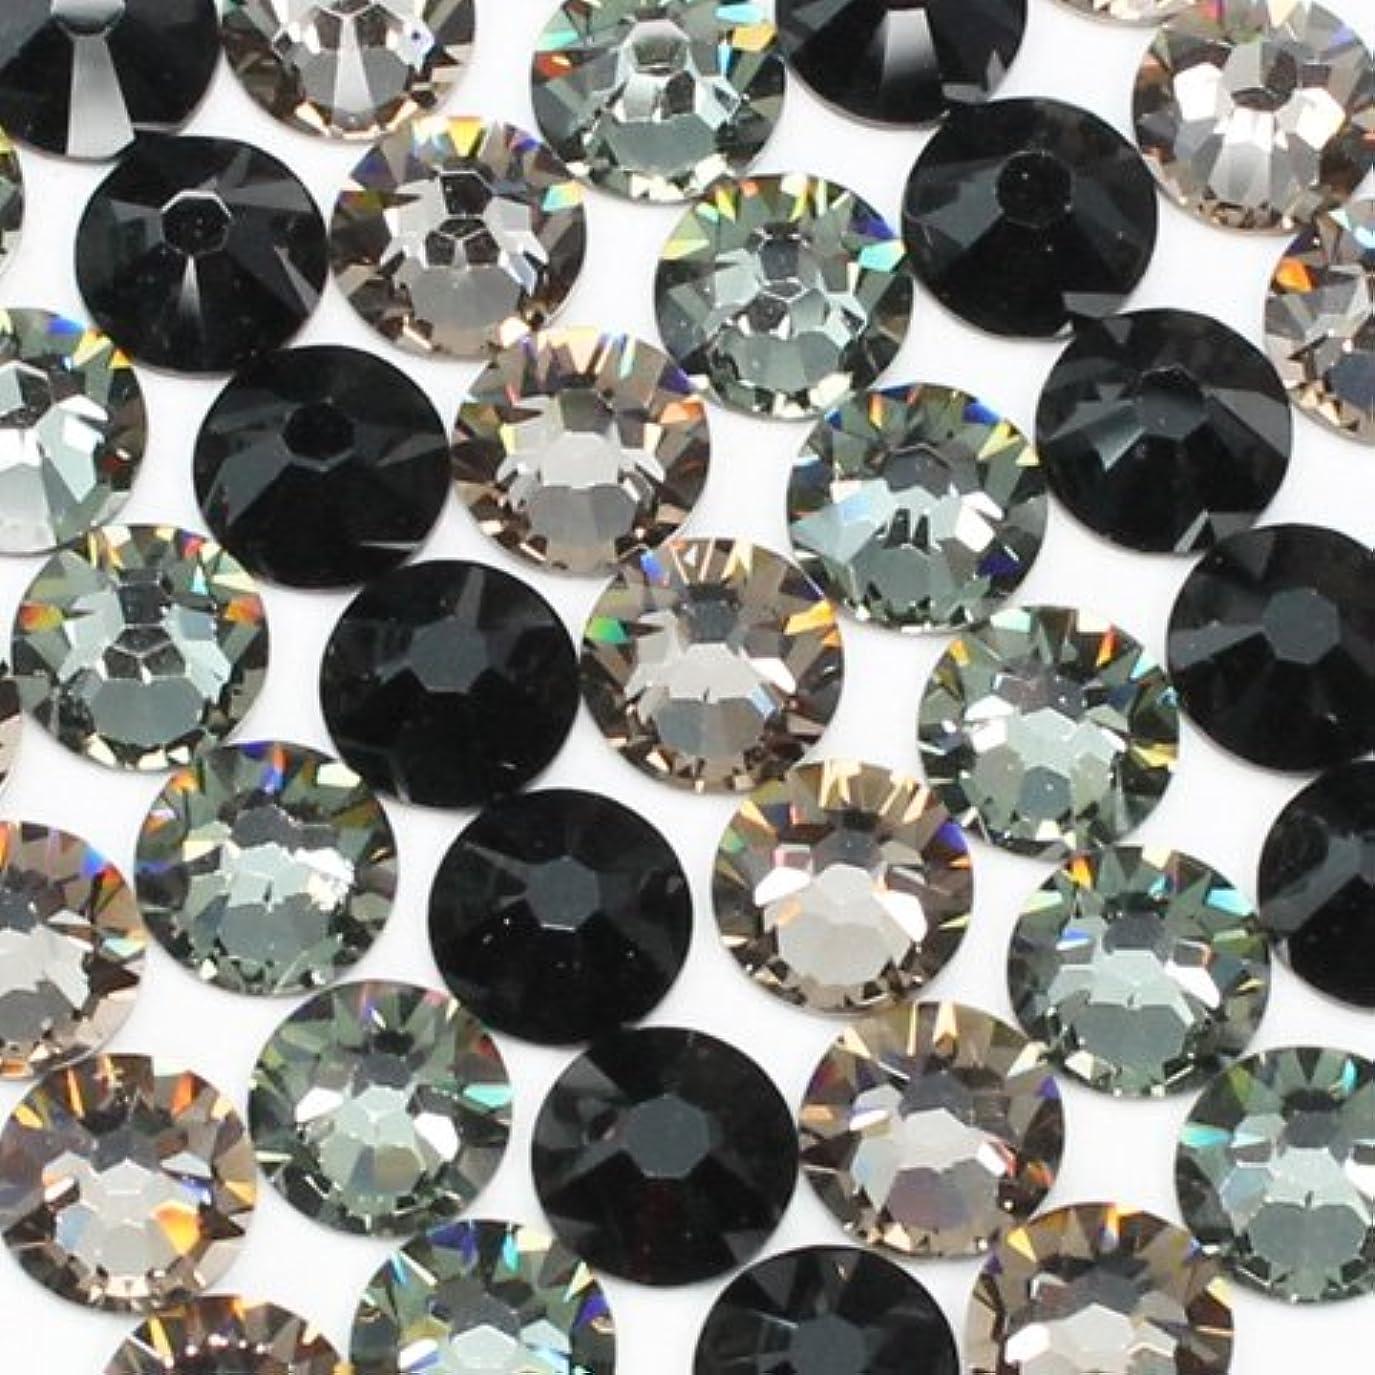 タイル宗教パッケージお試しアートMIX[ブラック]ブラックダイヤモンド、グレージュ、ジェット/スワロフスキー(Swarovski)/ラインストーン ss16(粒20粒)